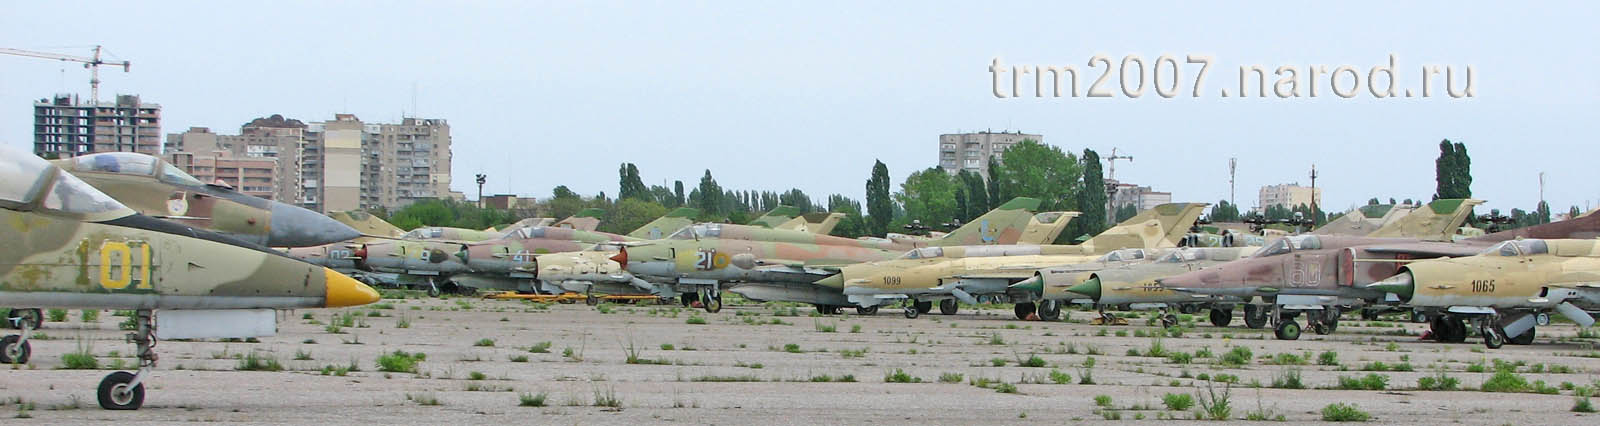 МИГ-21, Л-39 и МИГ-25